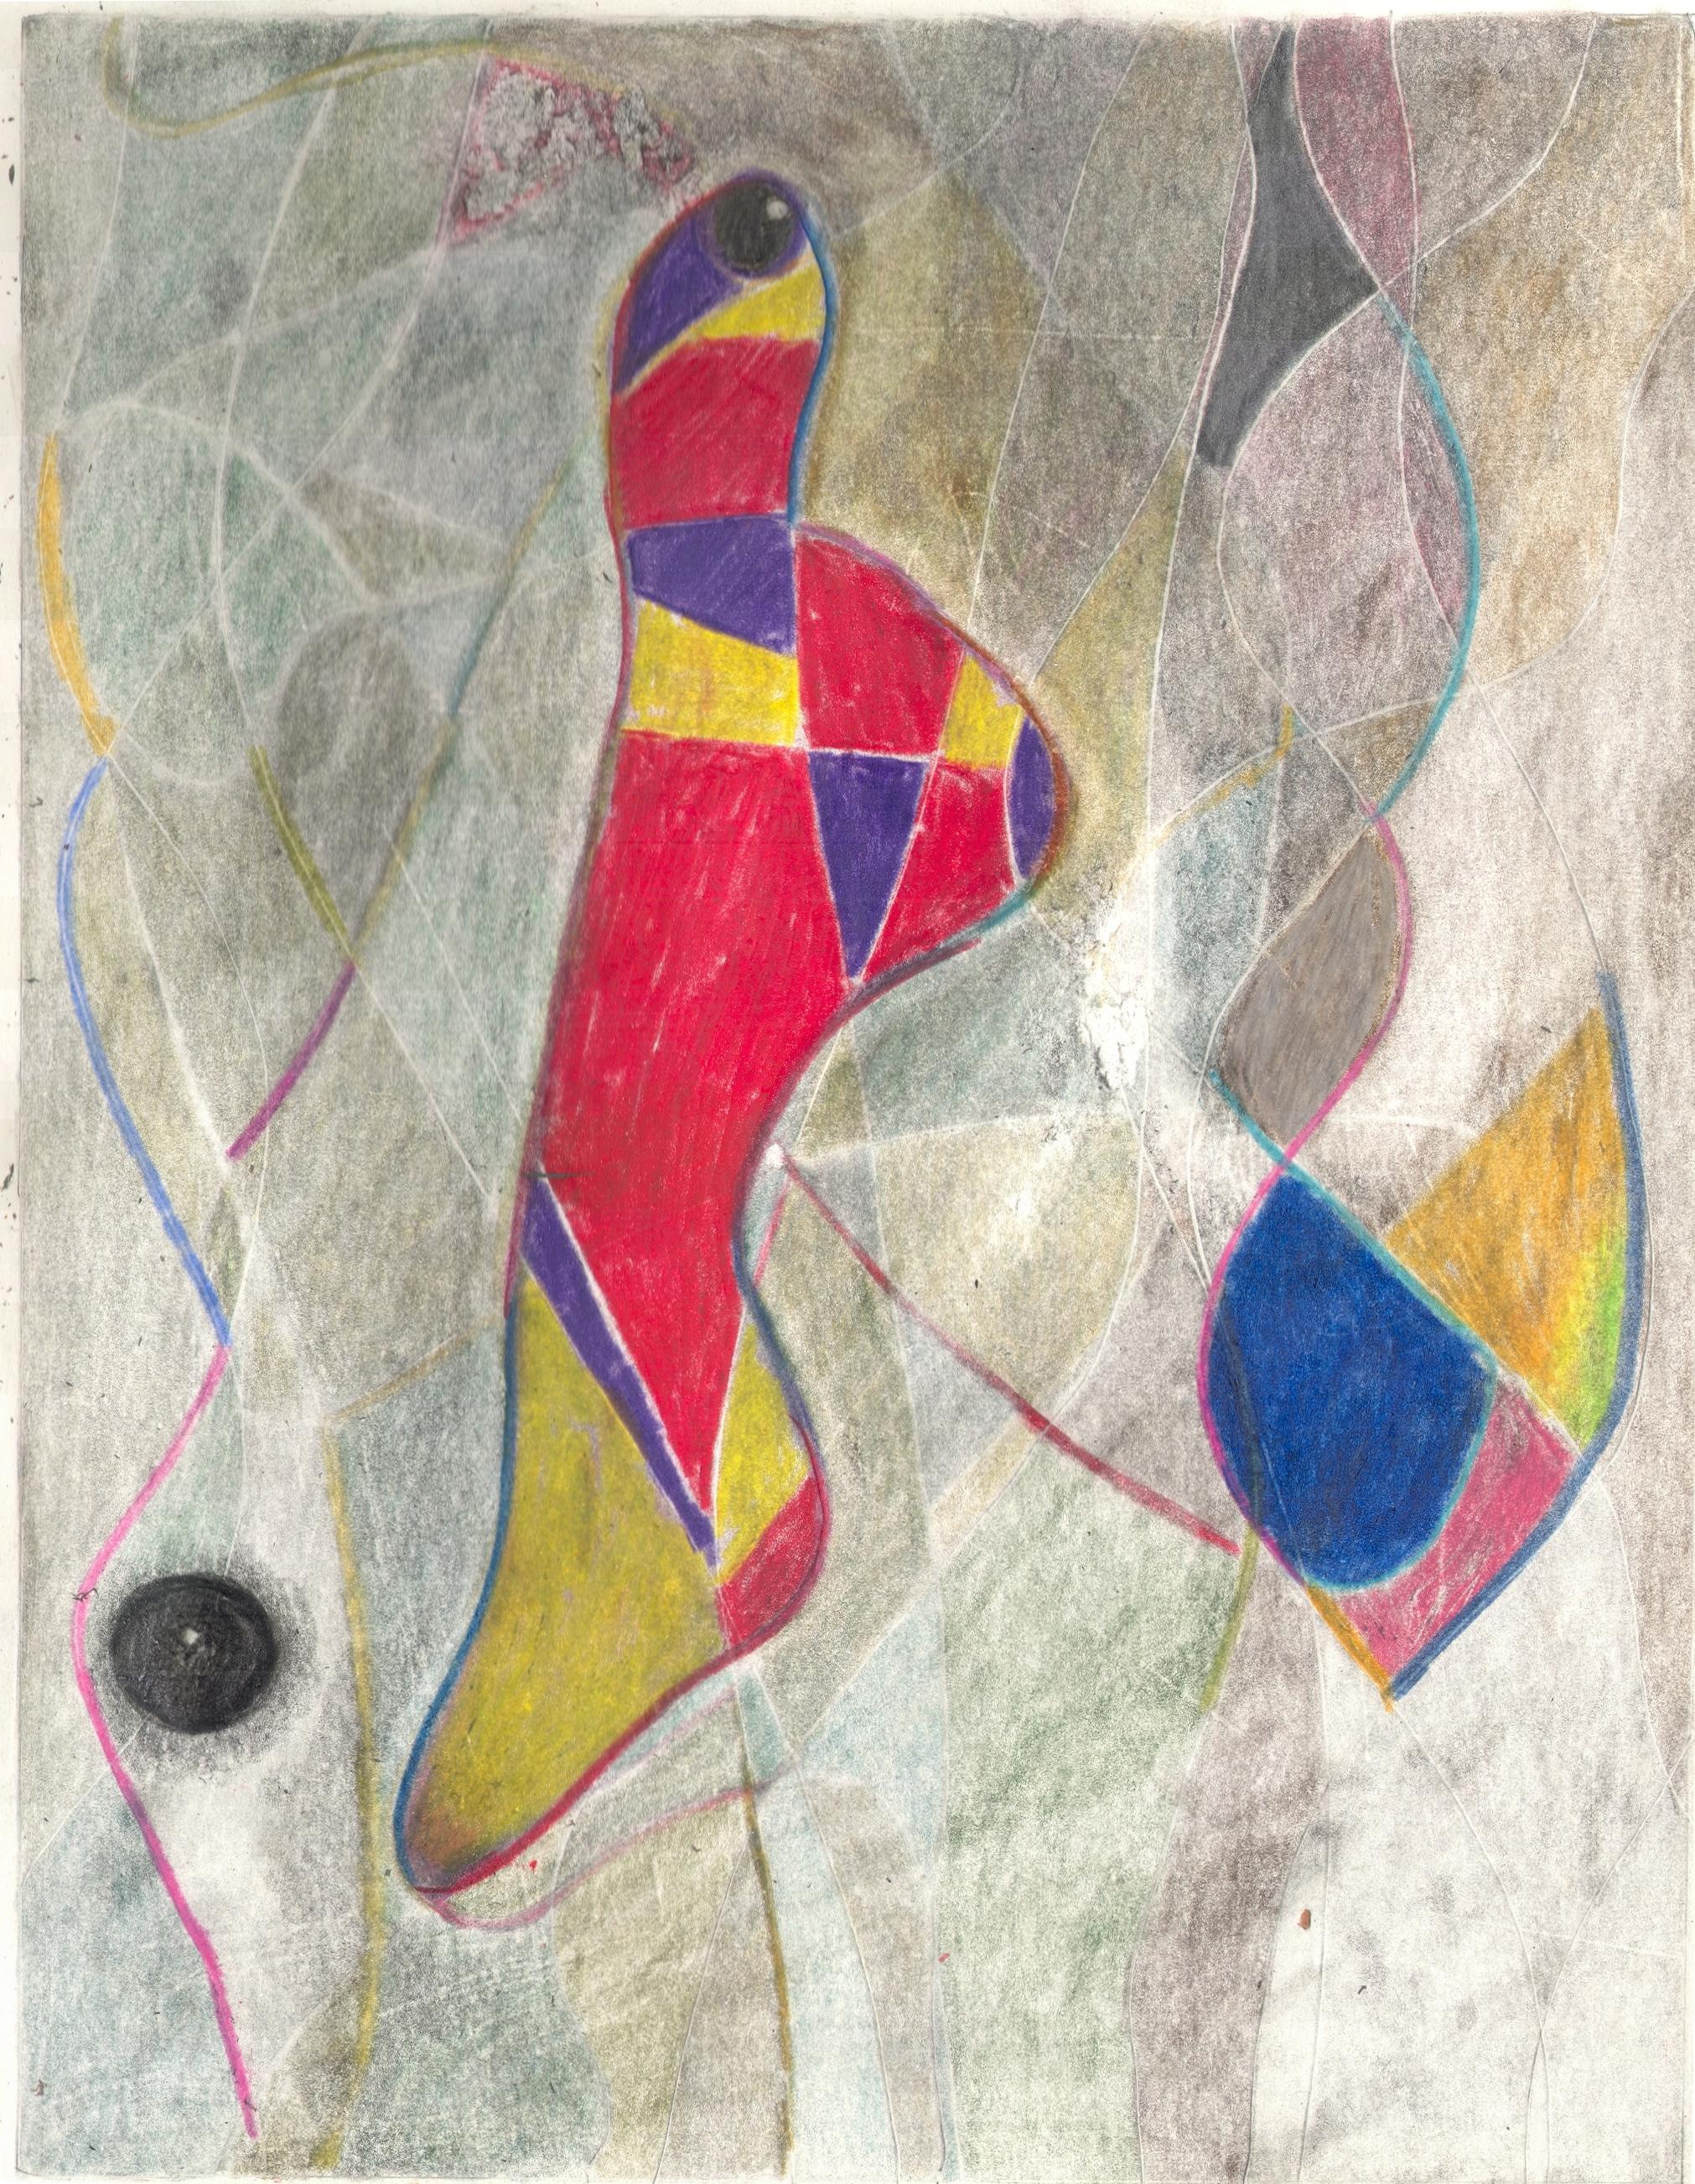 O.T. ( Abstract fun ), 2018  BleistiftBuntstift auf Papier, 26x35.5cm